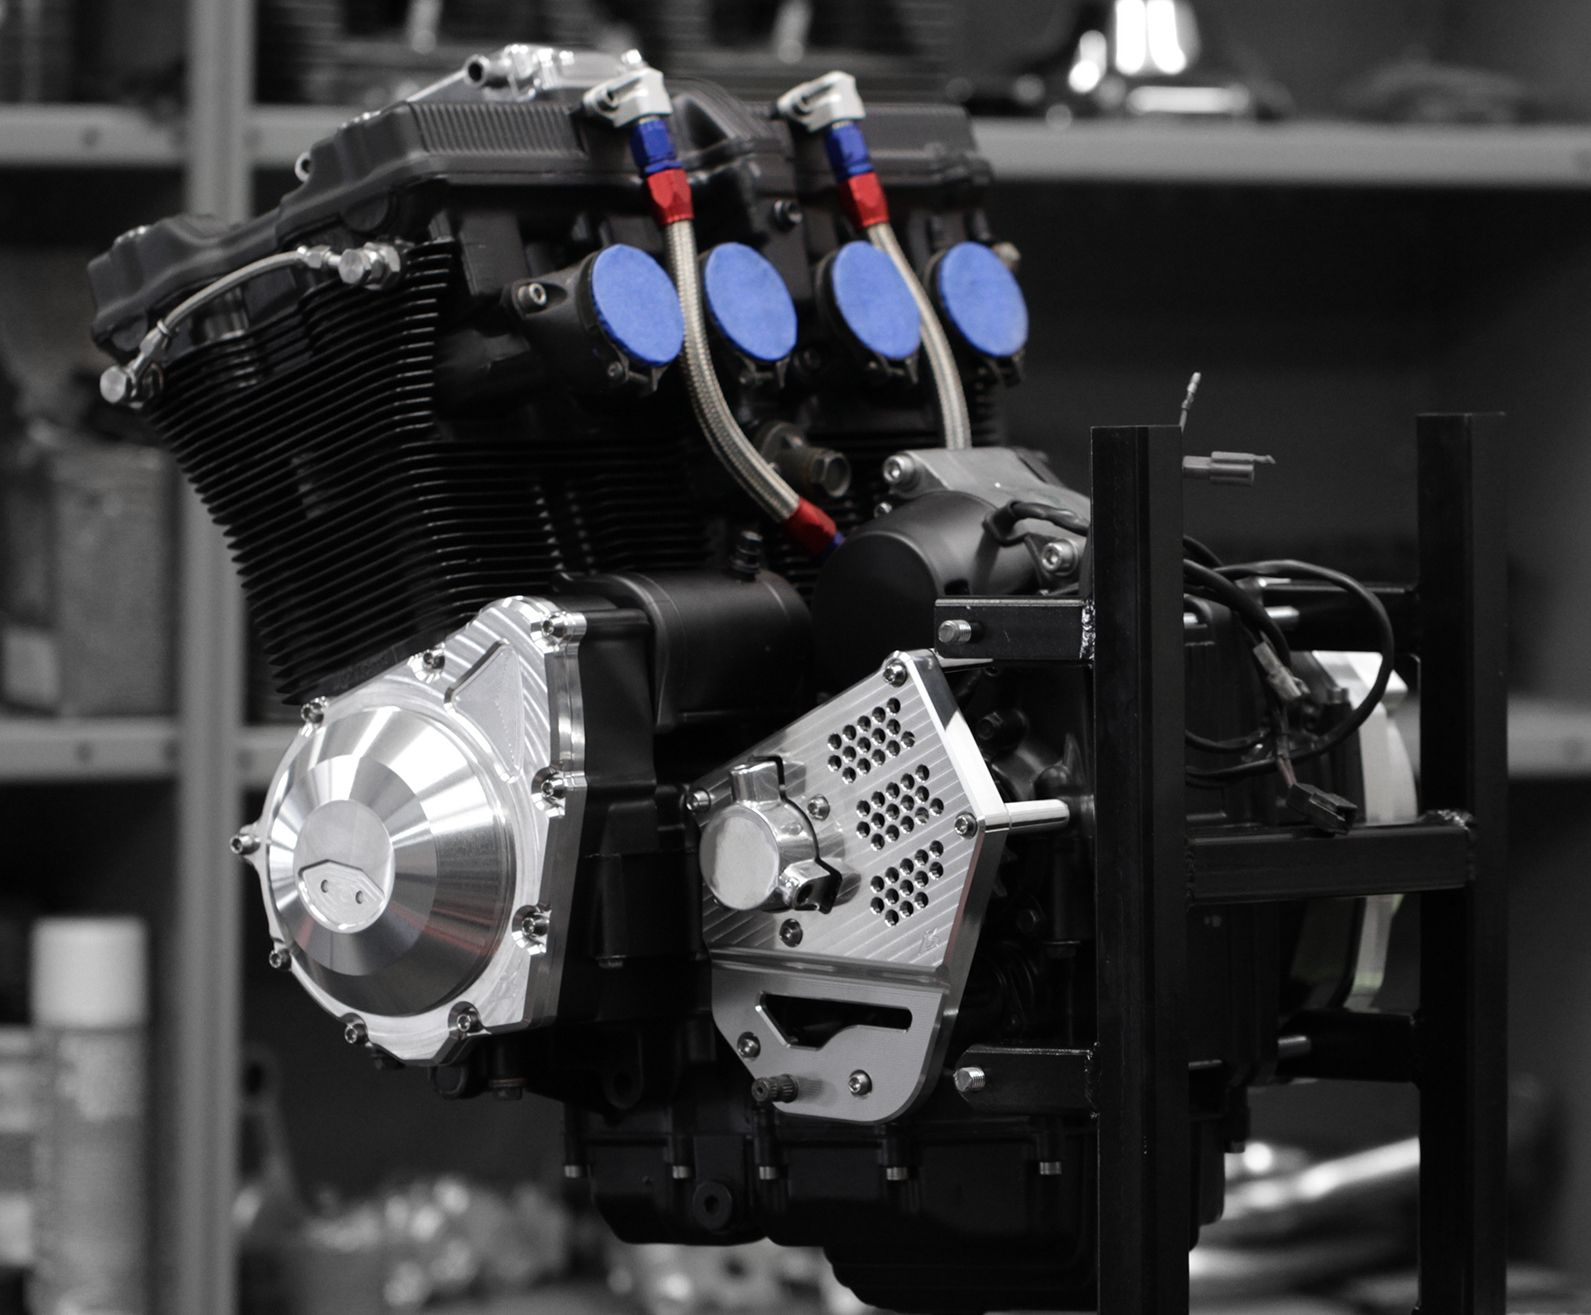 GSXR 1100/ Bandit Sprocket Cover | GSXR | Suzuki motorcycle